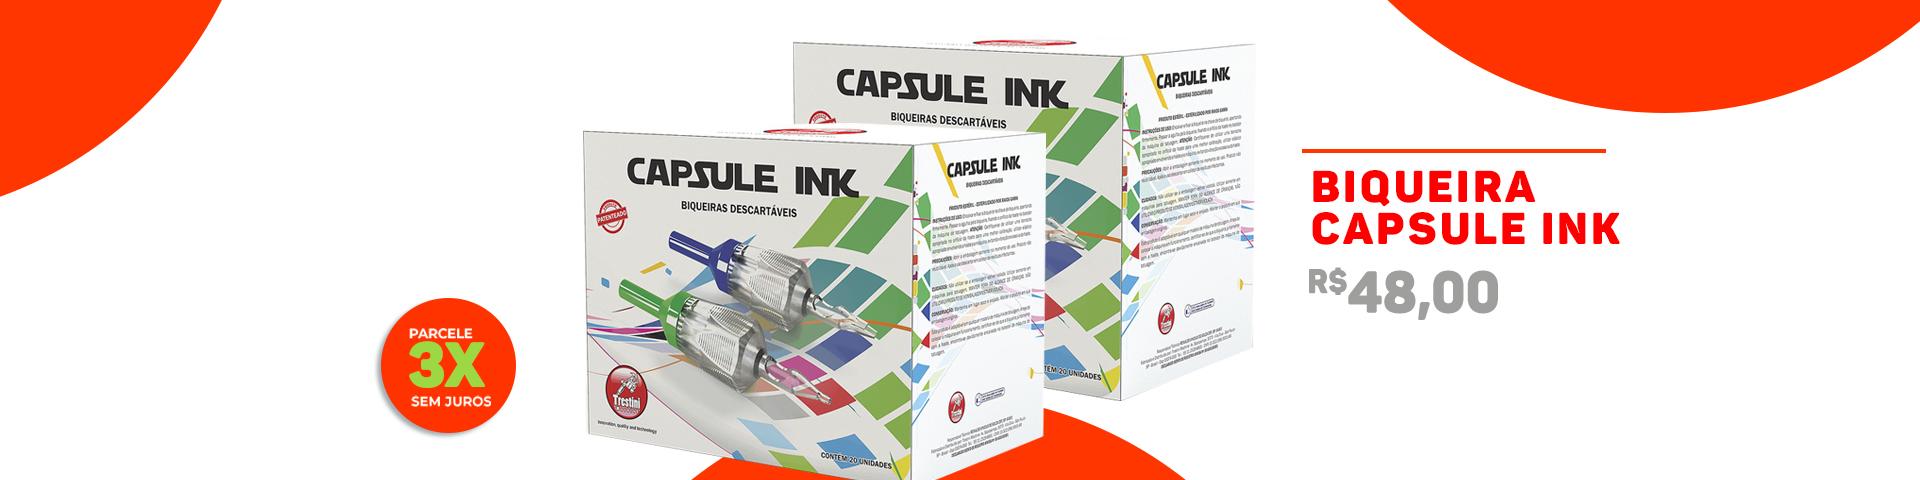 Biqueiras Capsule Ink